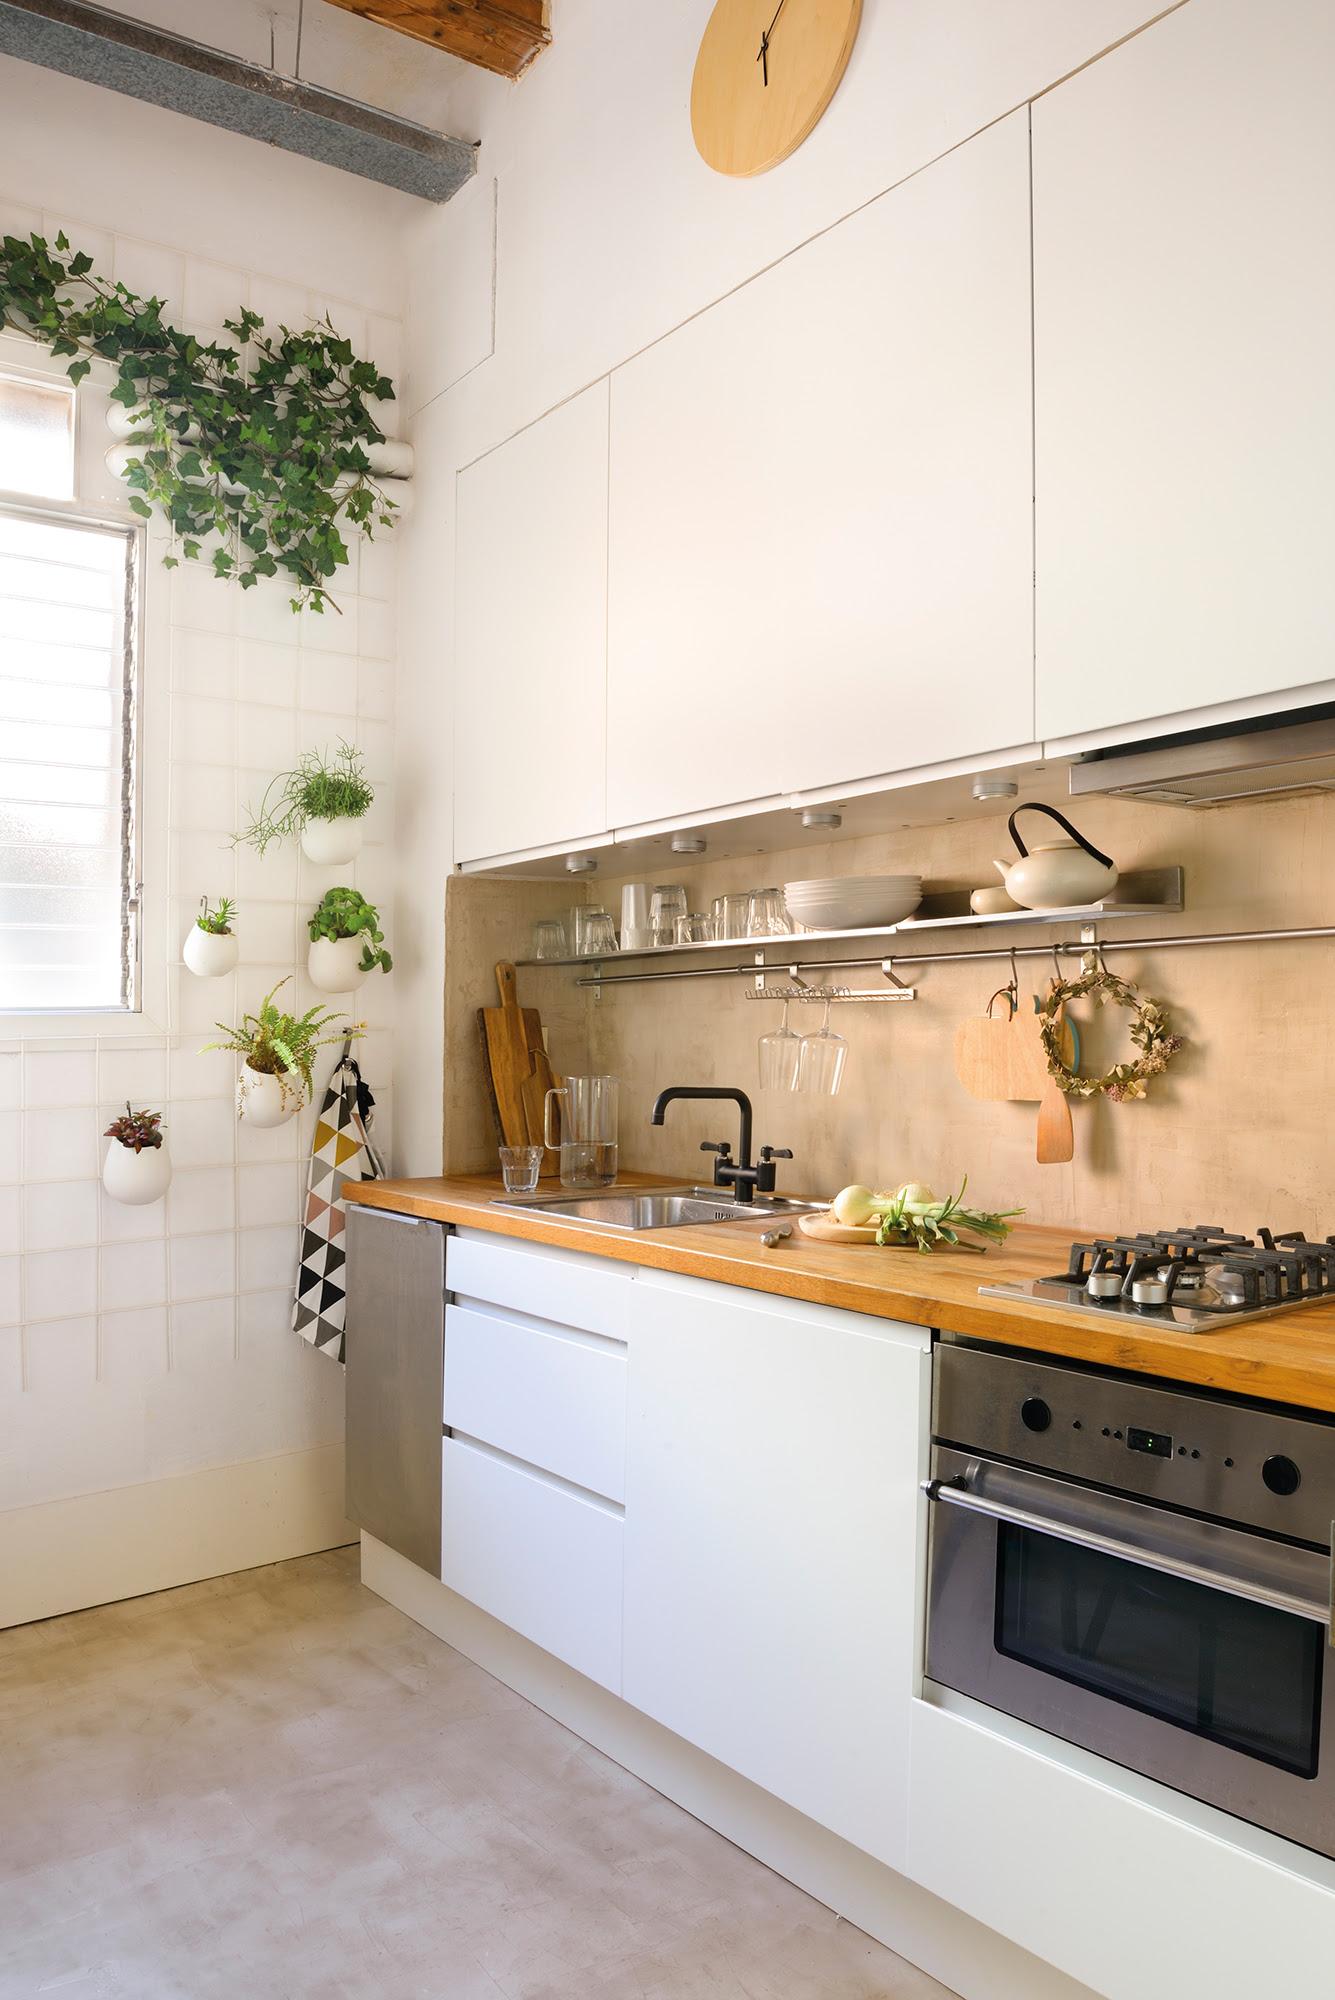 Ideas para reformar cocinas pequeñas | KidsandChic